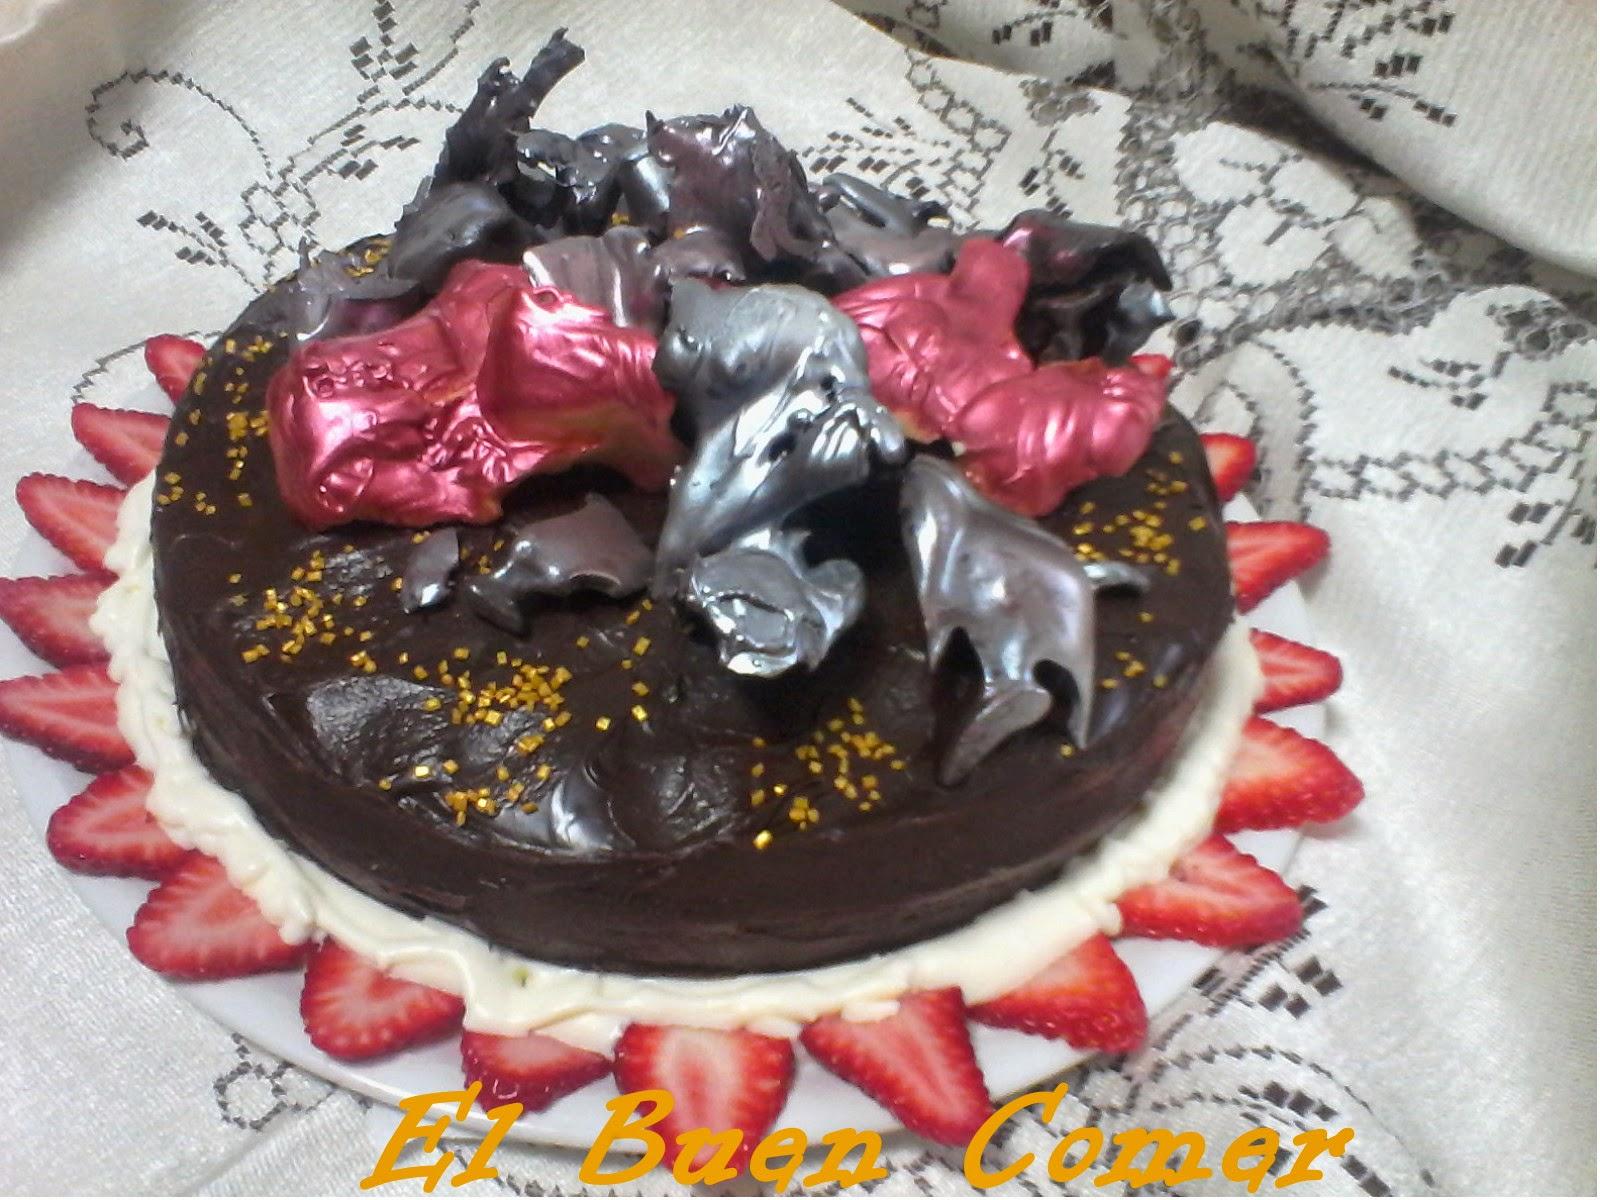 El Buen Comer Tarta Con Adornos De Chocolate - Adornos-tarta